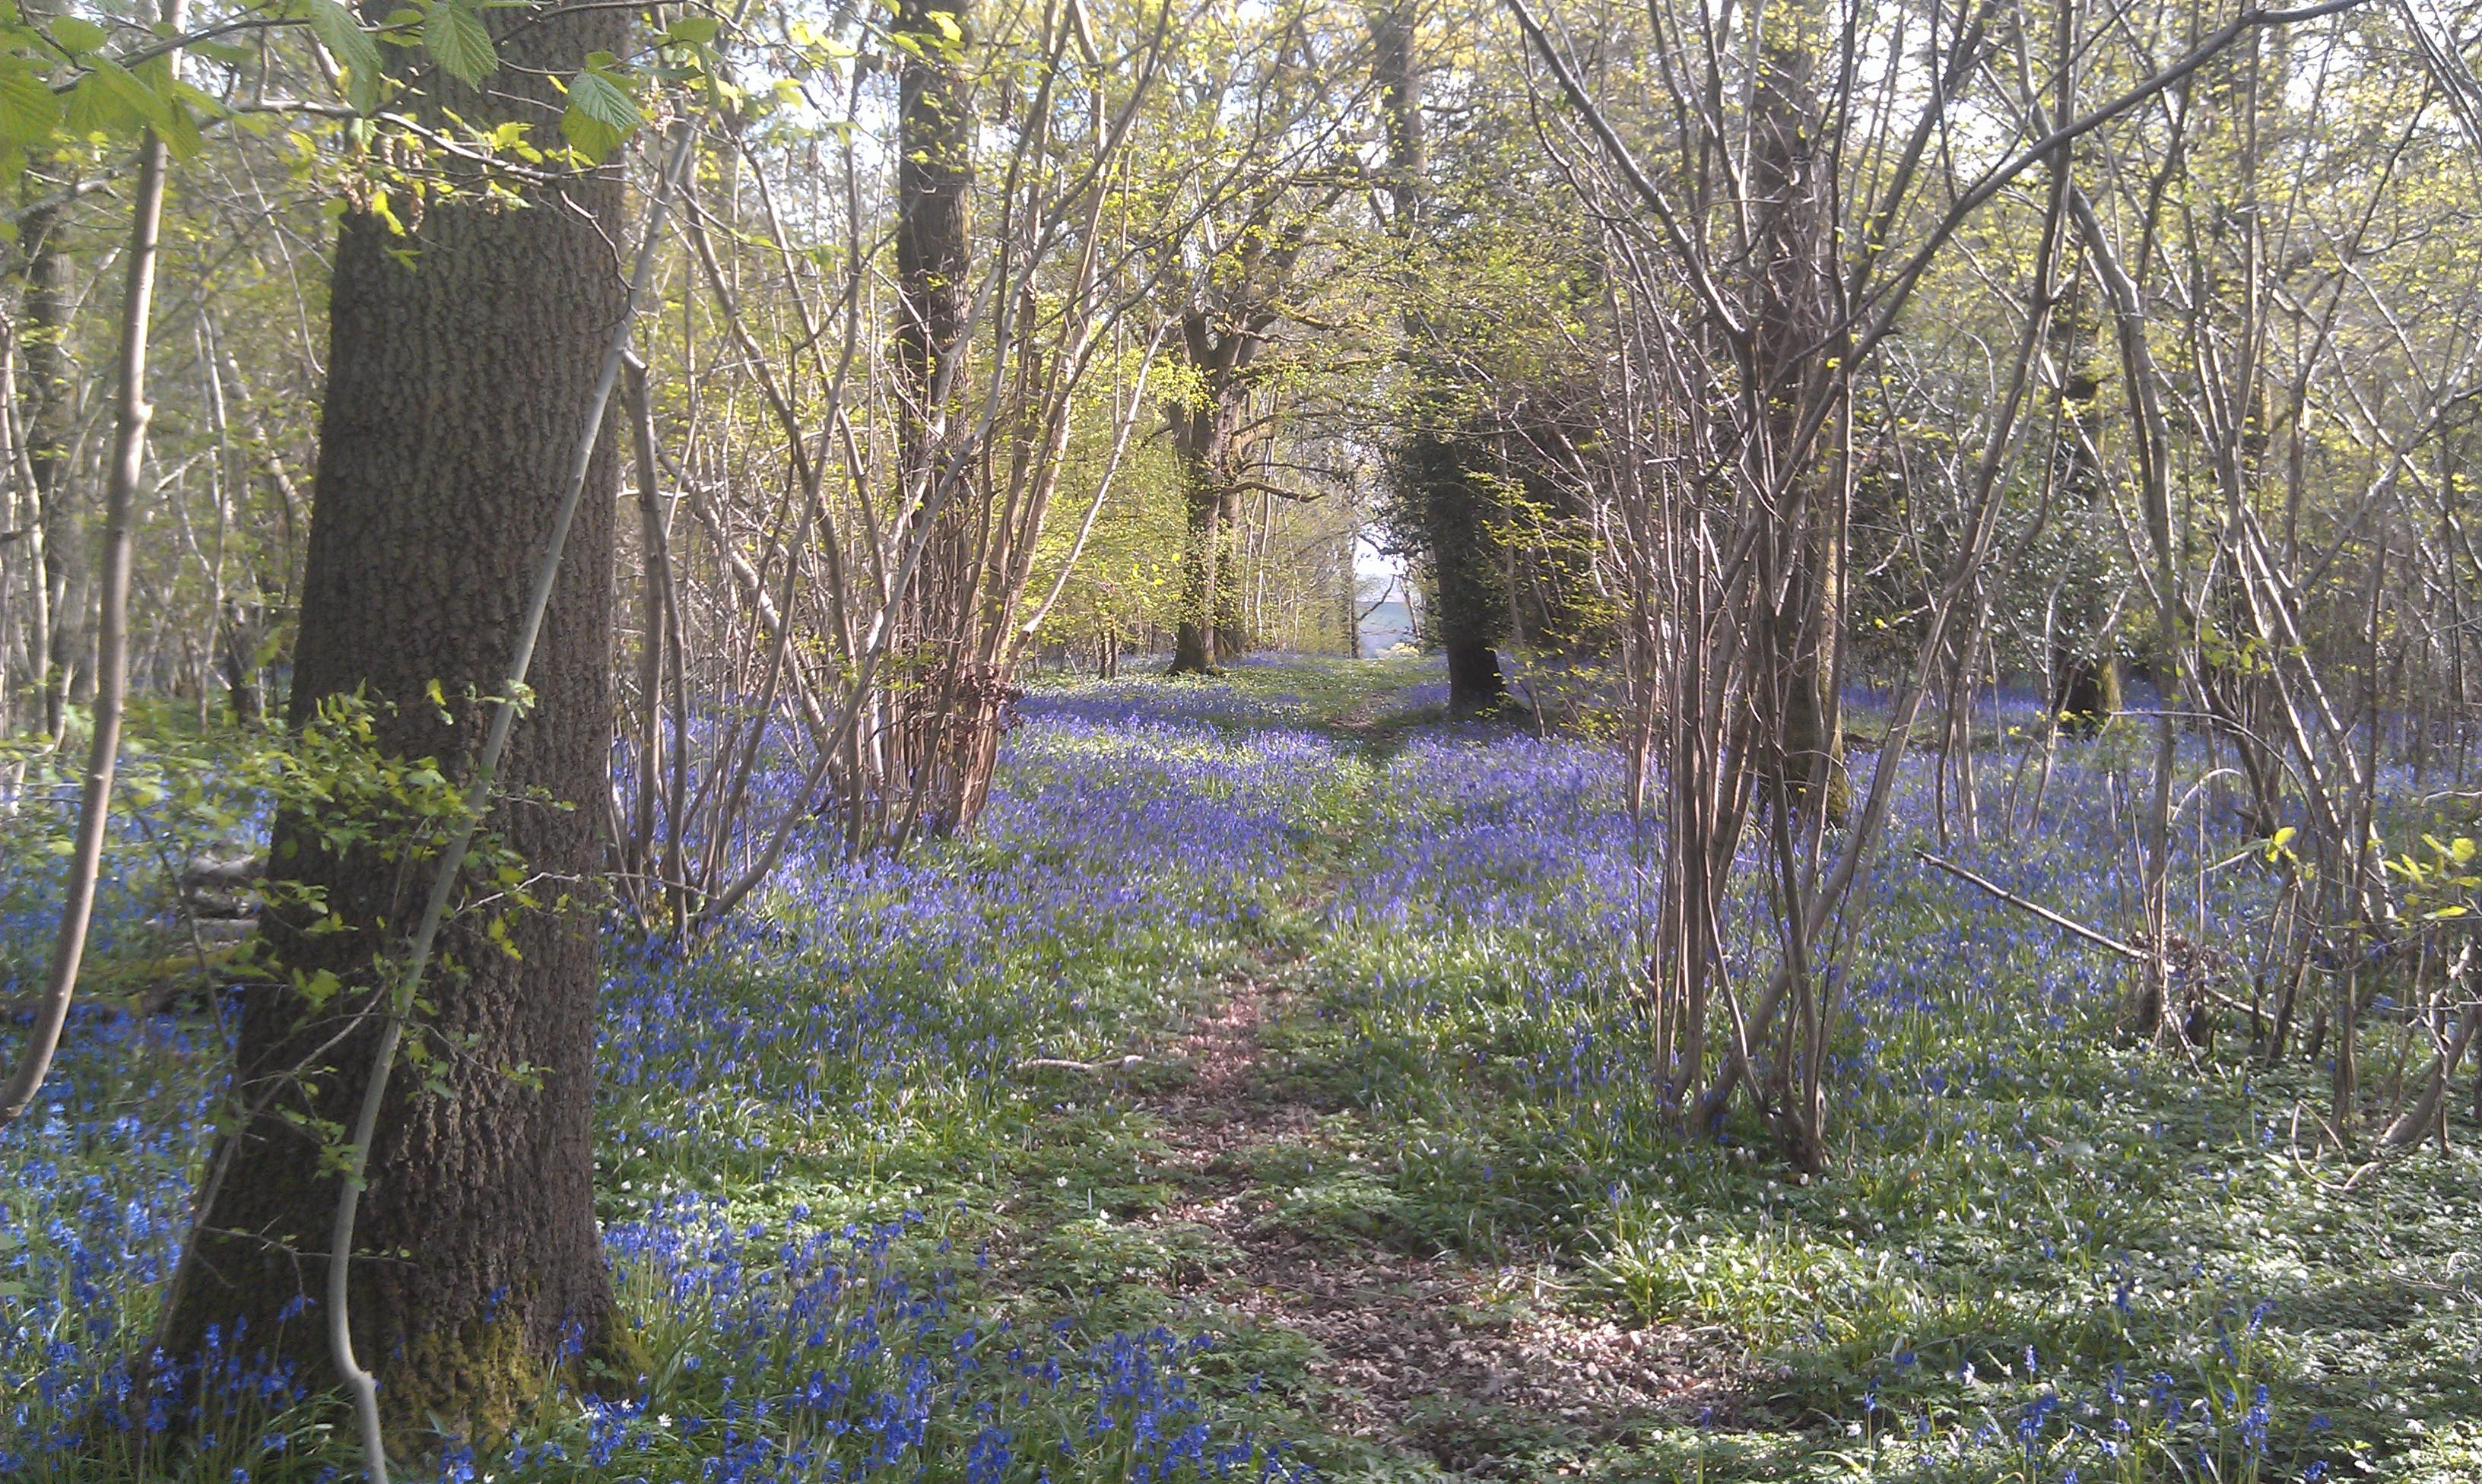 Bluebells at Bonny's Wood